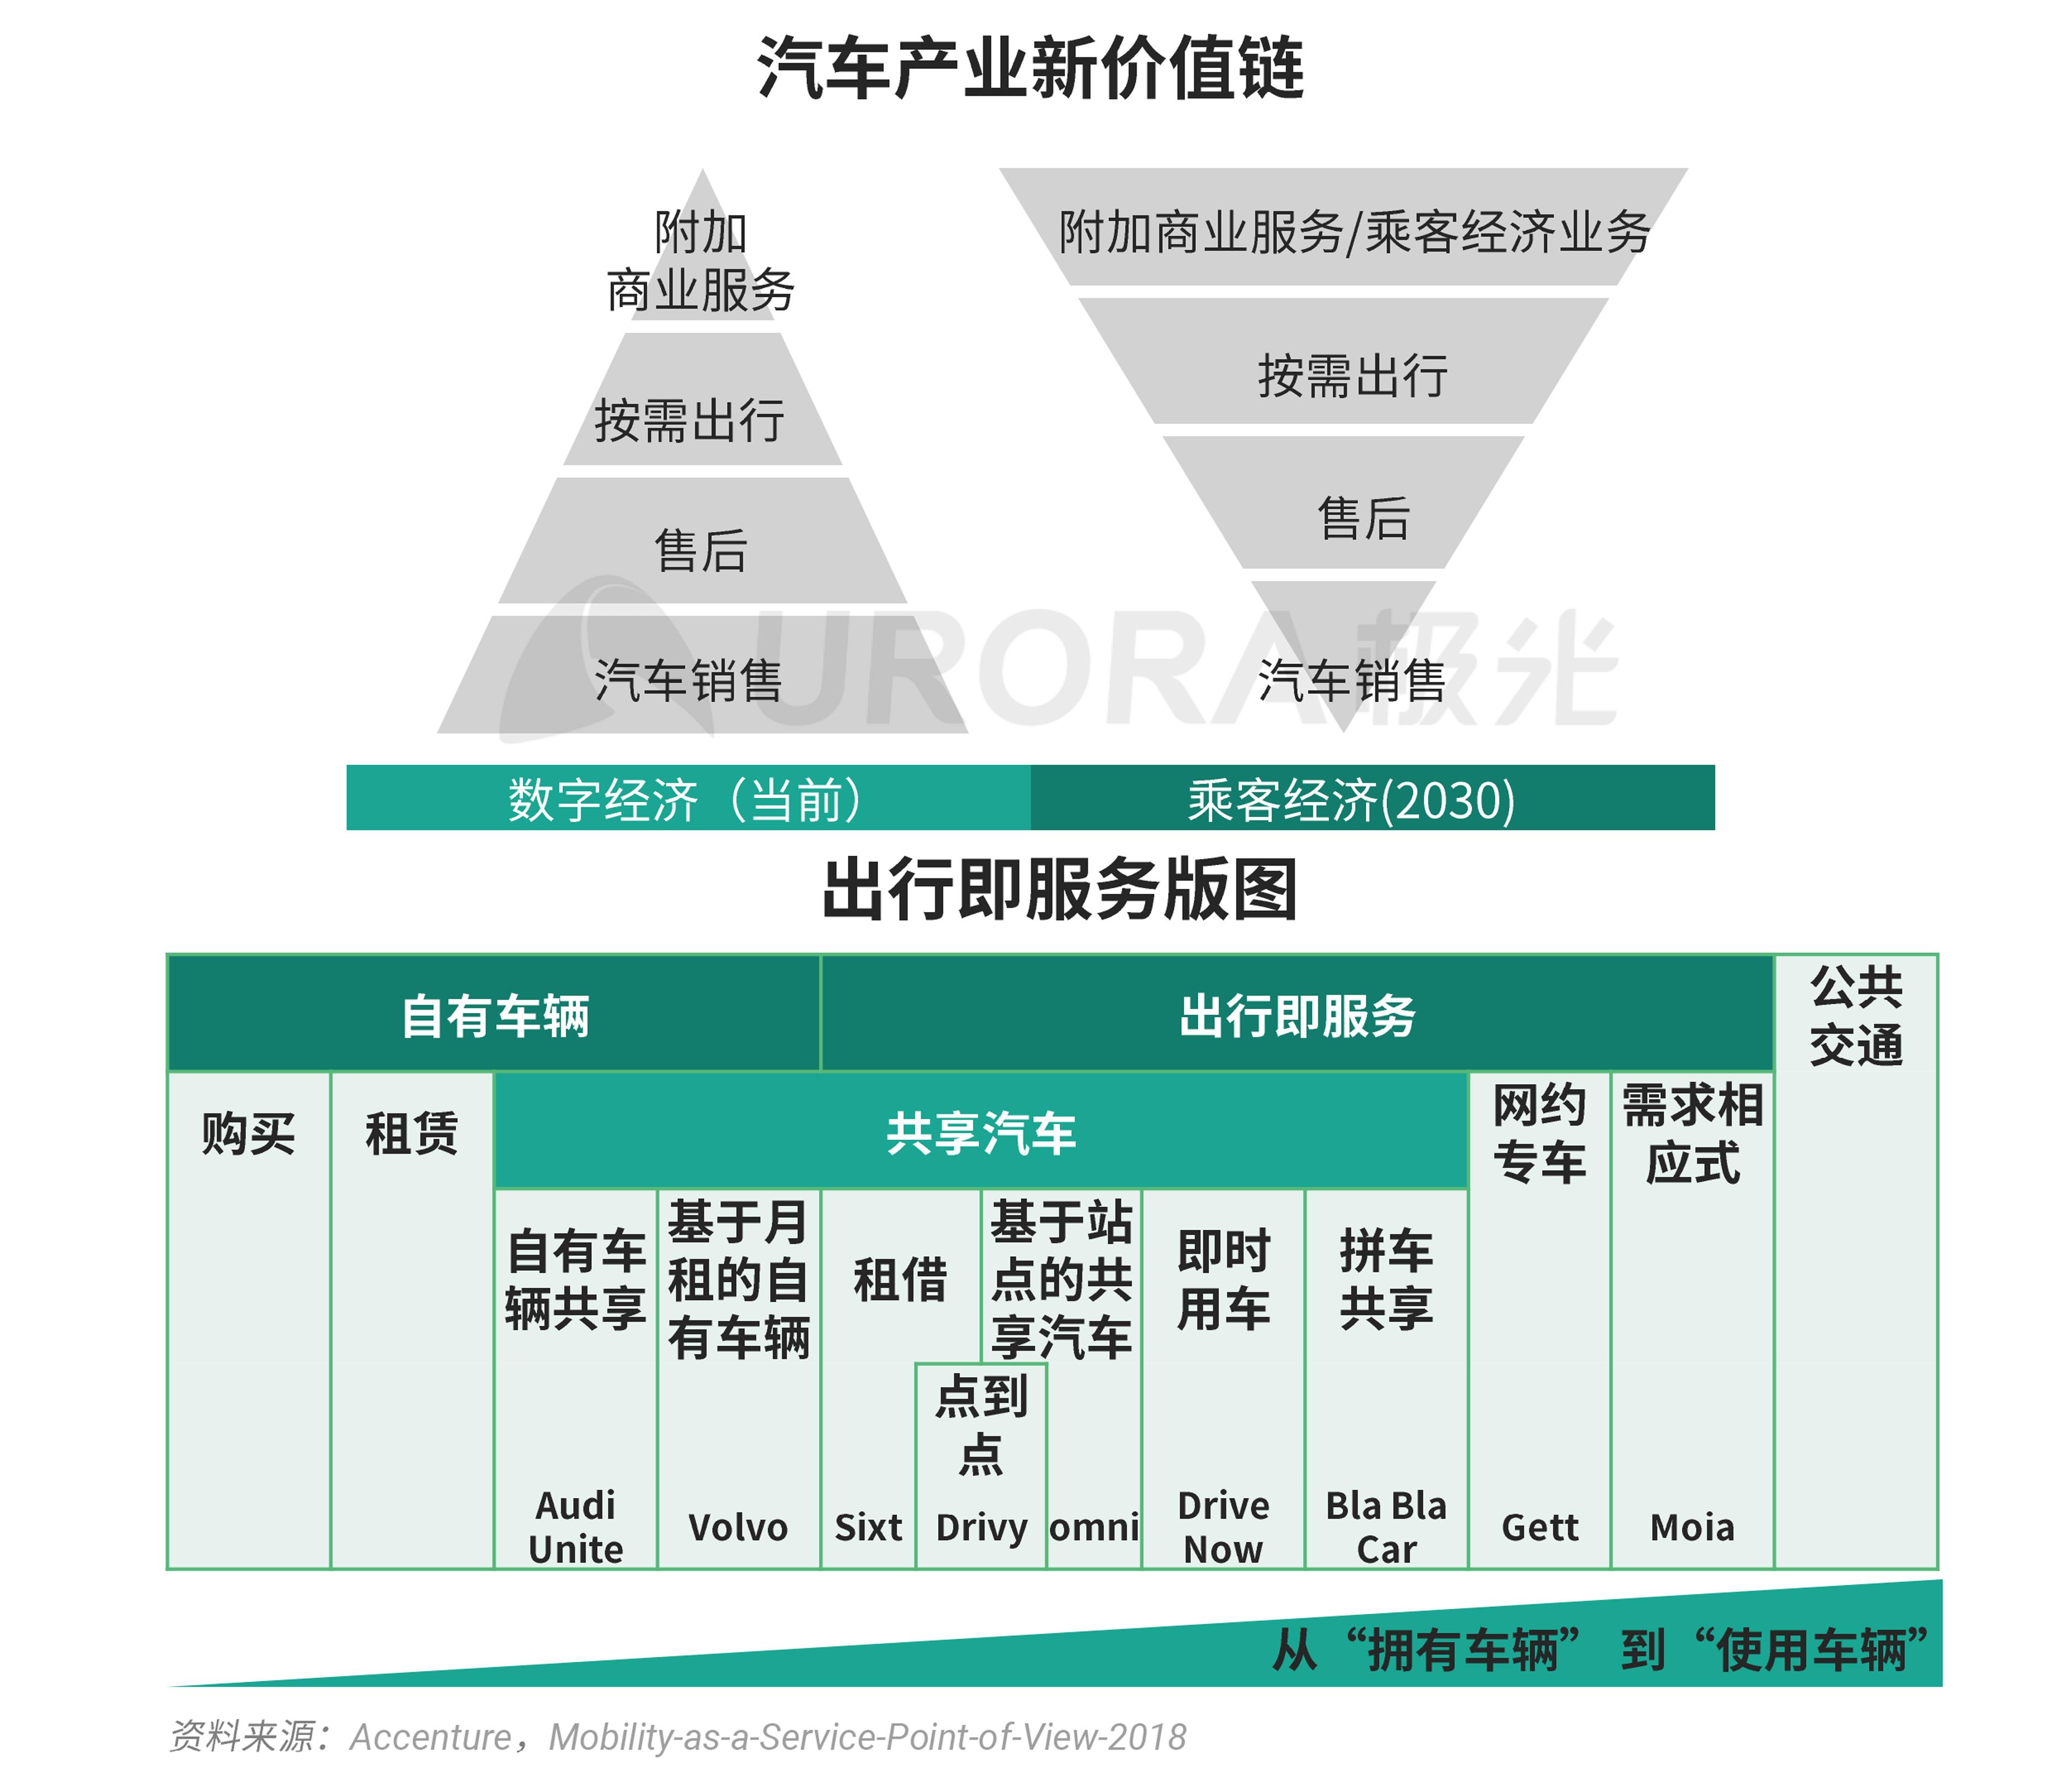 极光:汽车产业新格局 (13).png